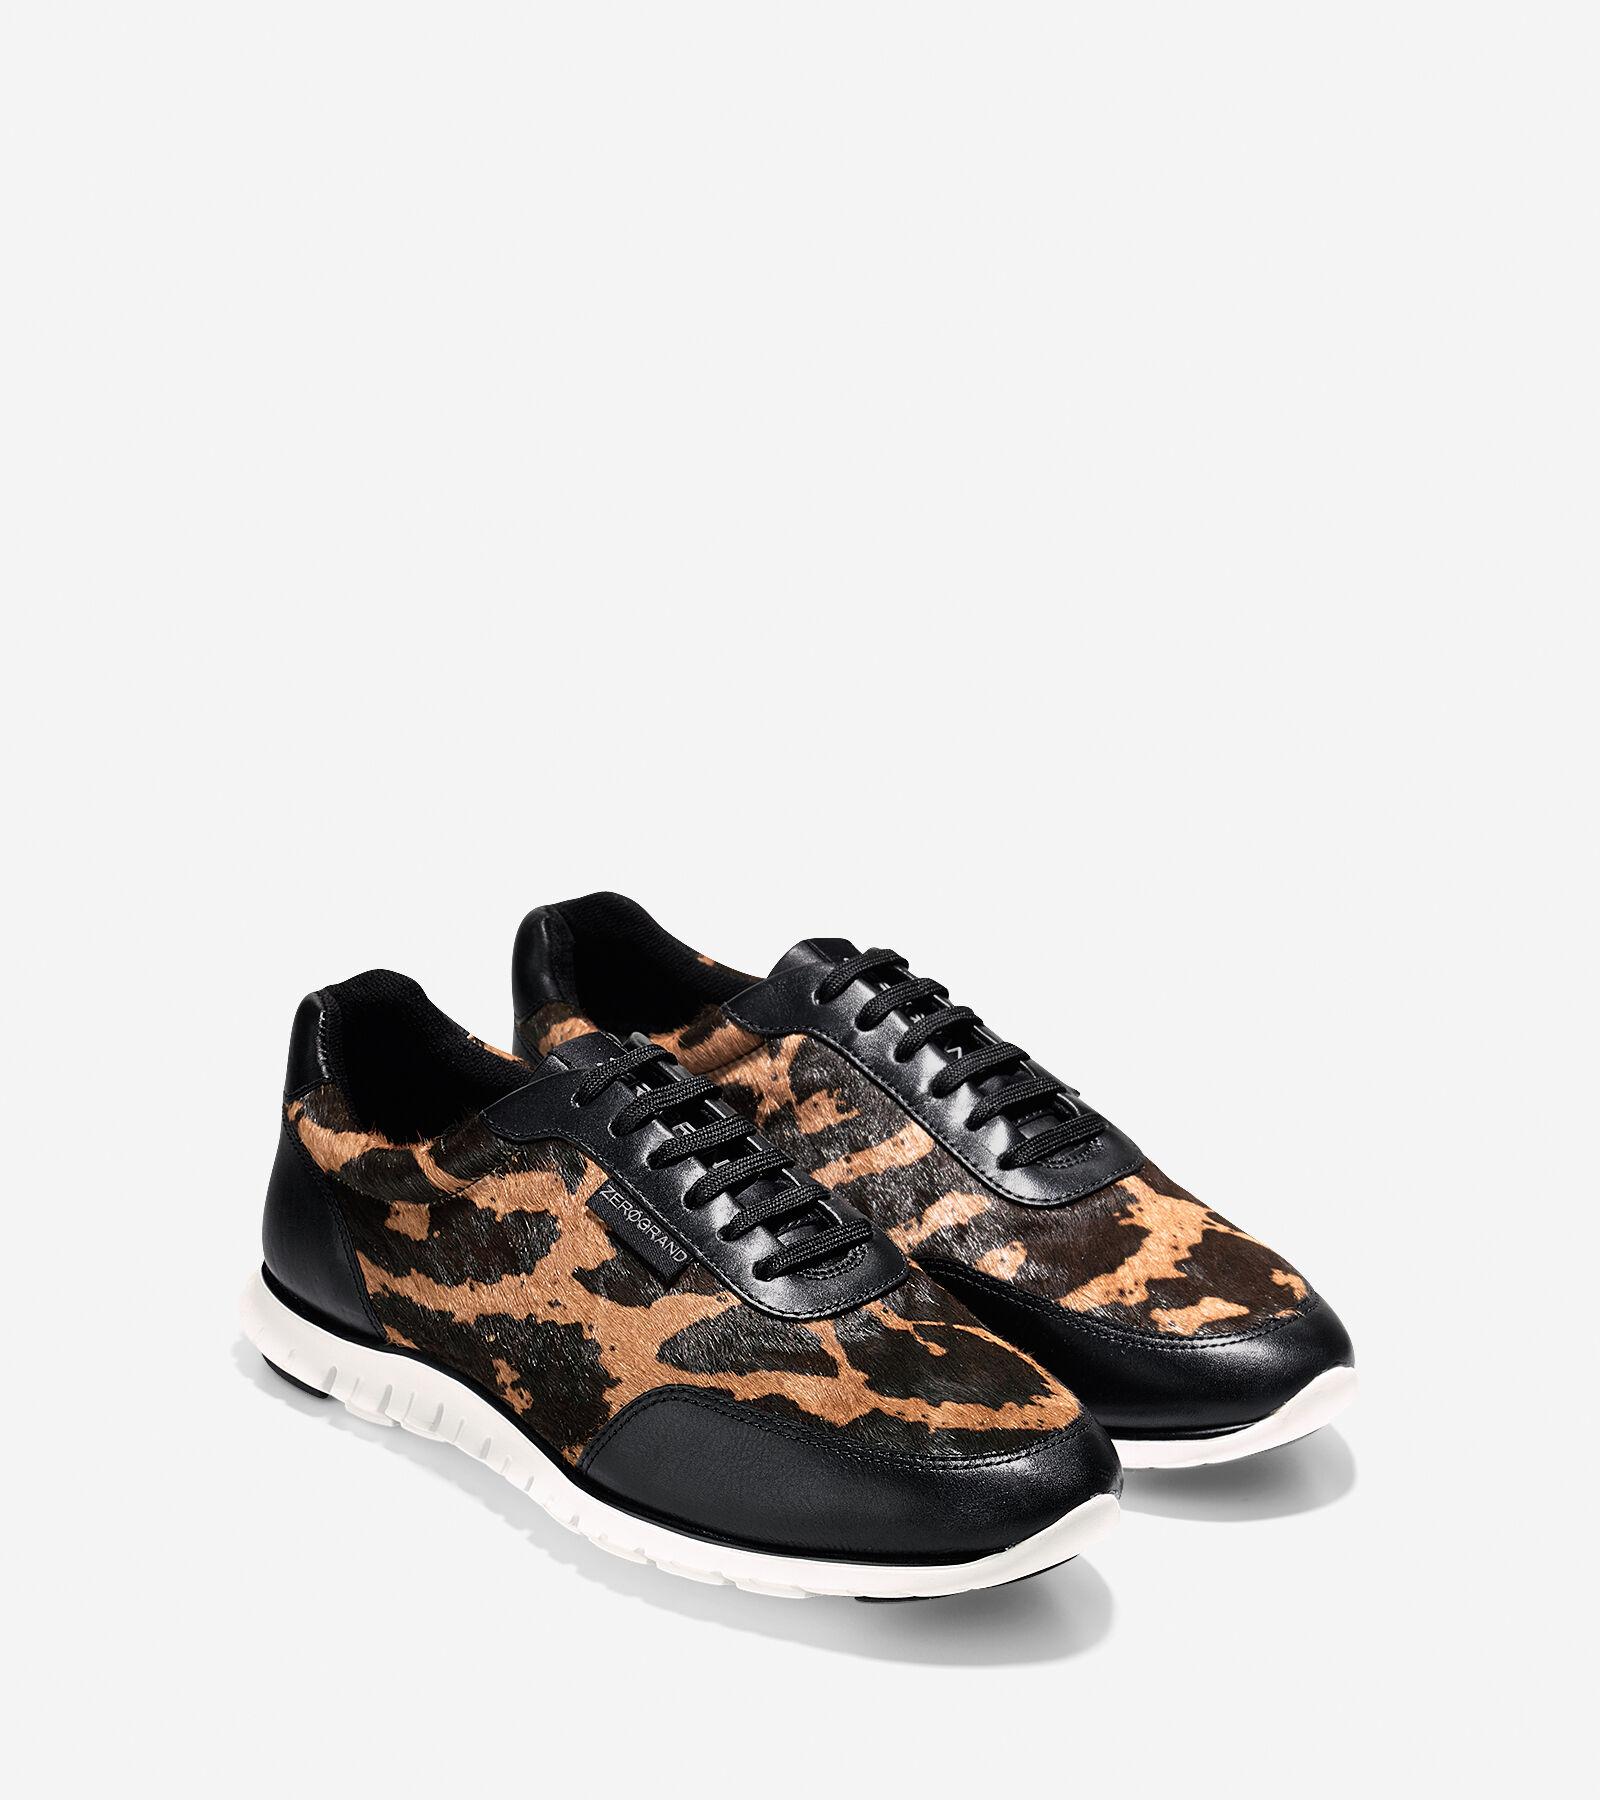 ... Women's ZERØGRAND Classic Sneaker · Women's ZERØGRAND Classic Sneaker. # colehaan